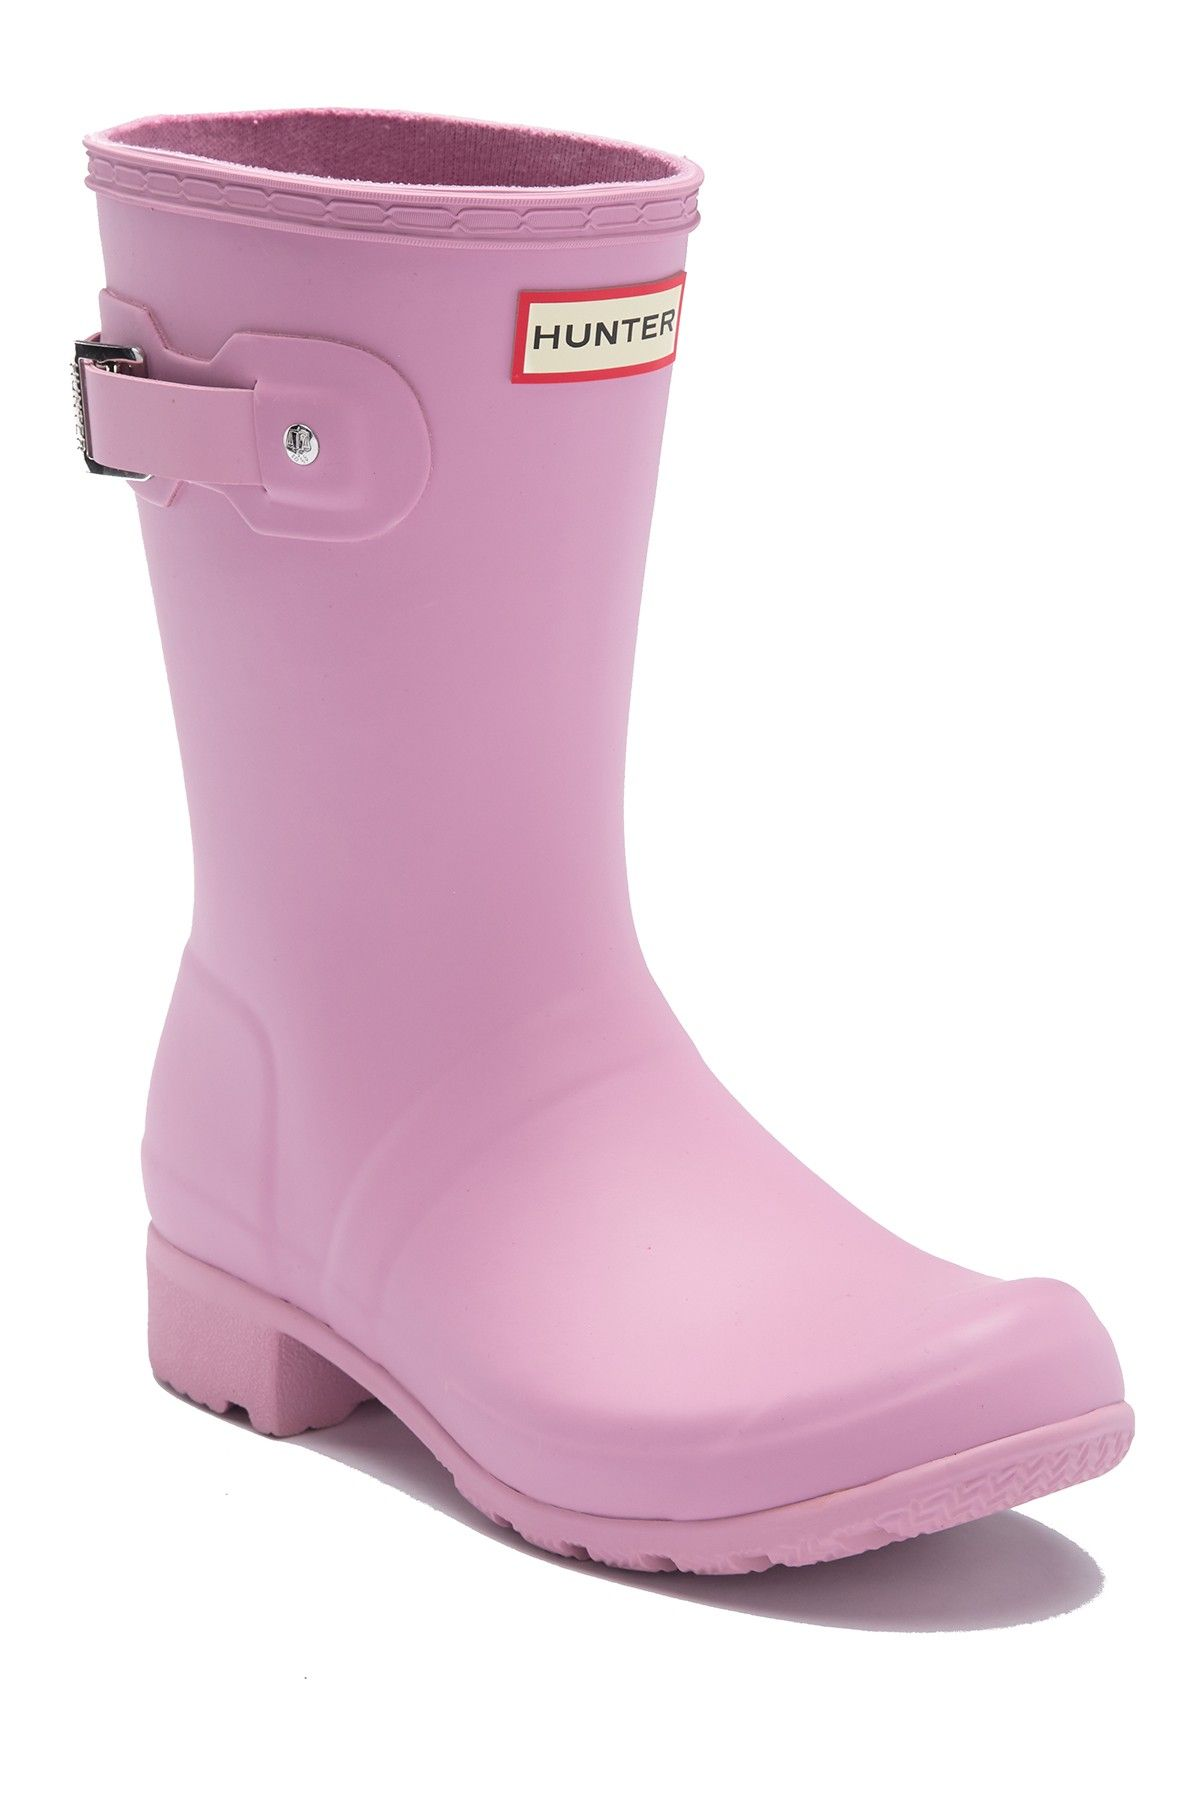 Hunter Original Tour Short Packable Rain Boot Women